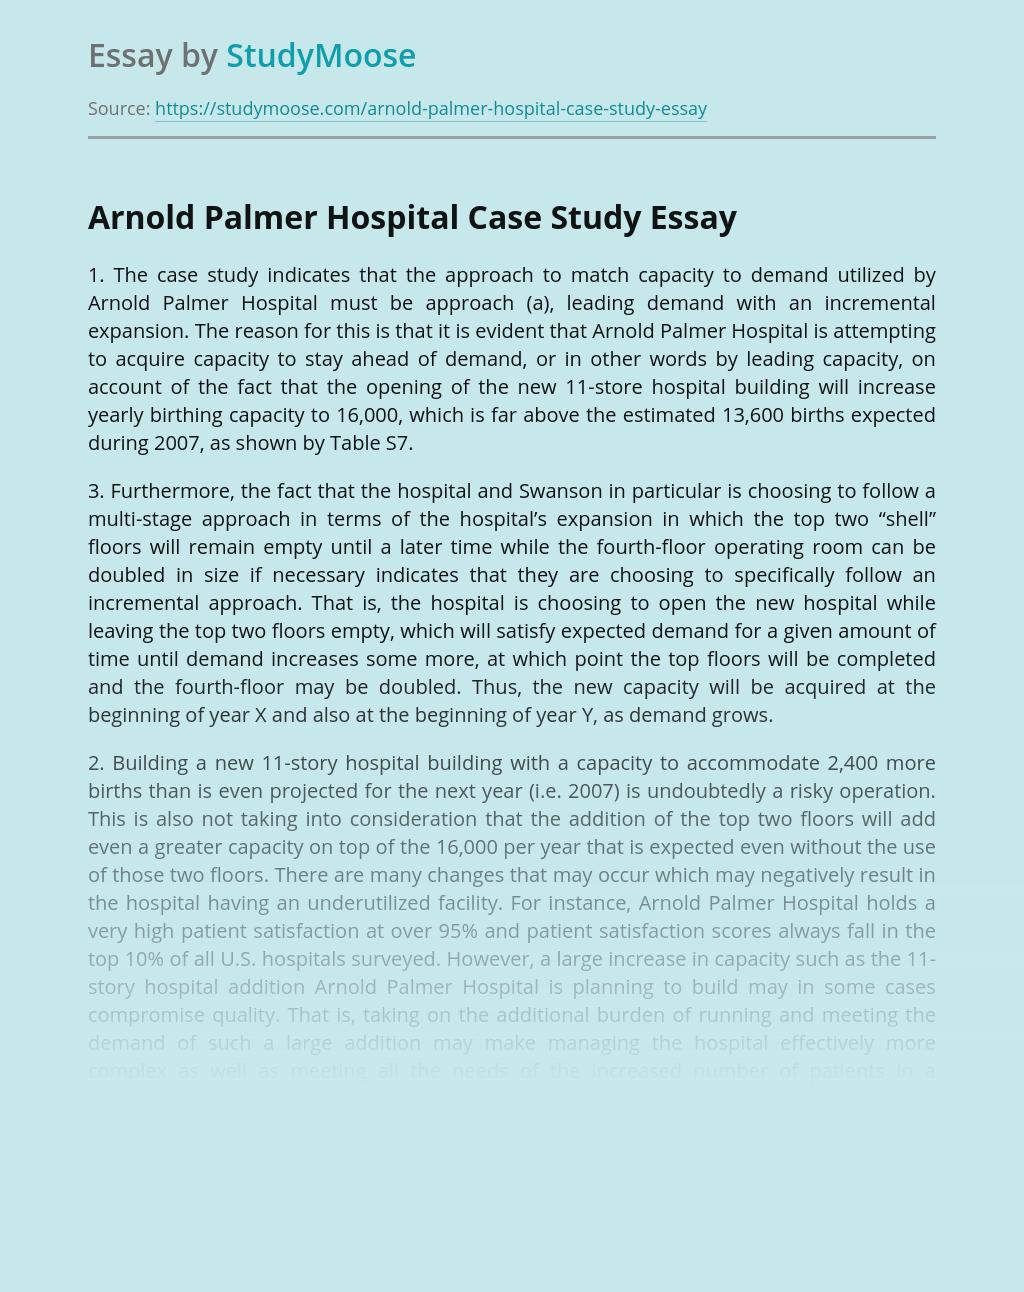 Arnold Palmer Hospital Case Study